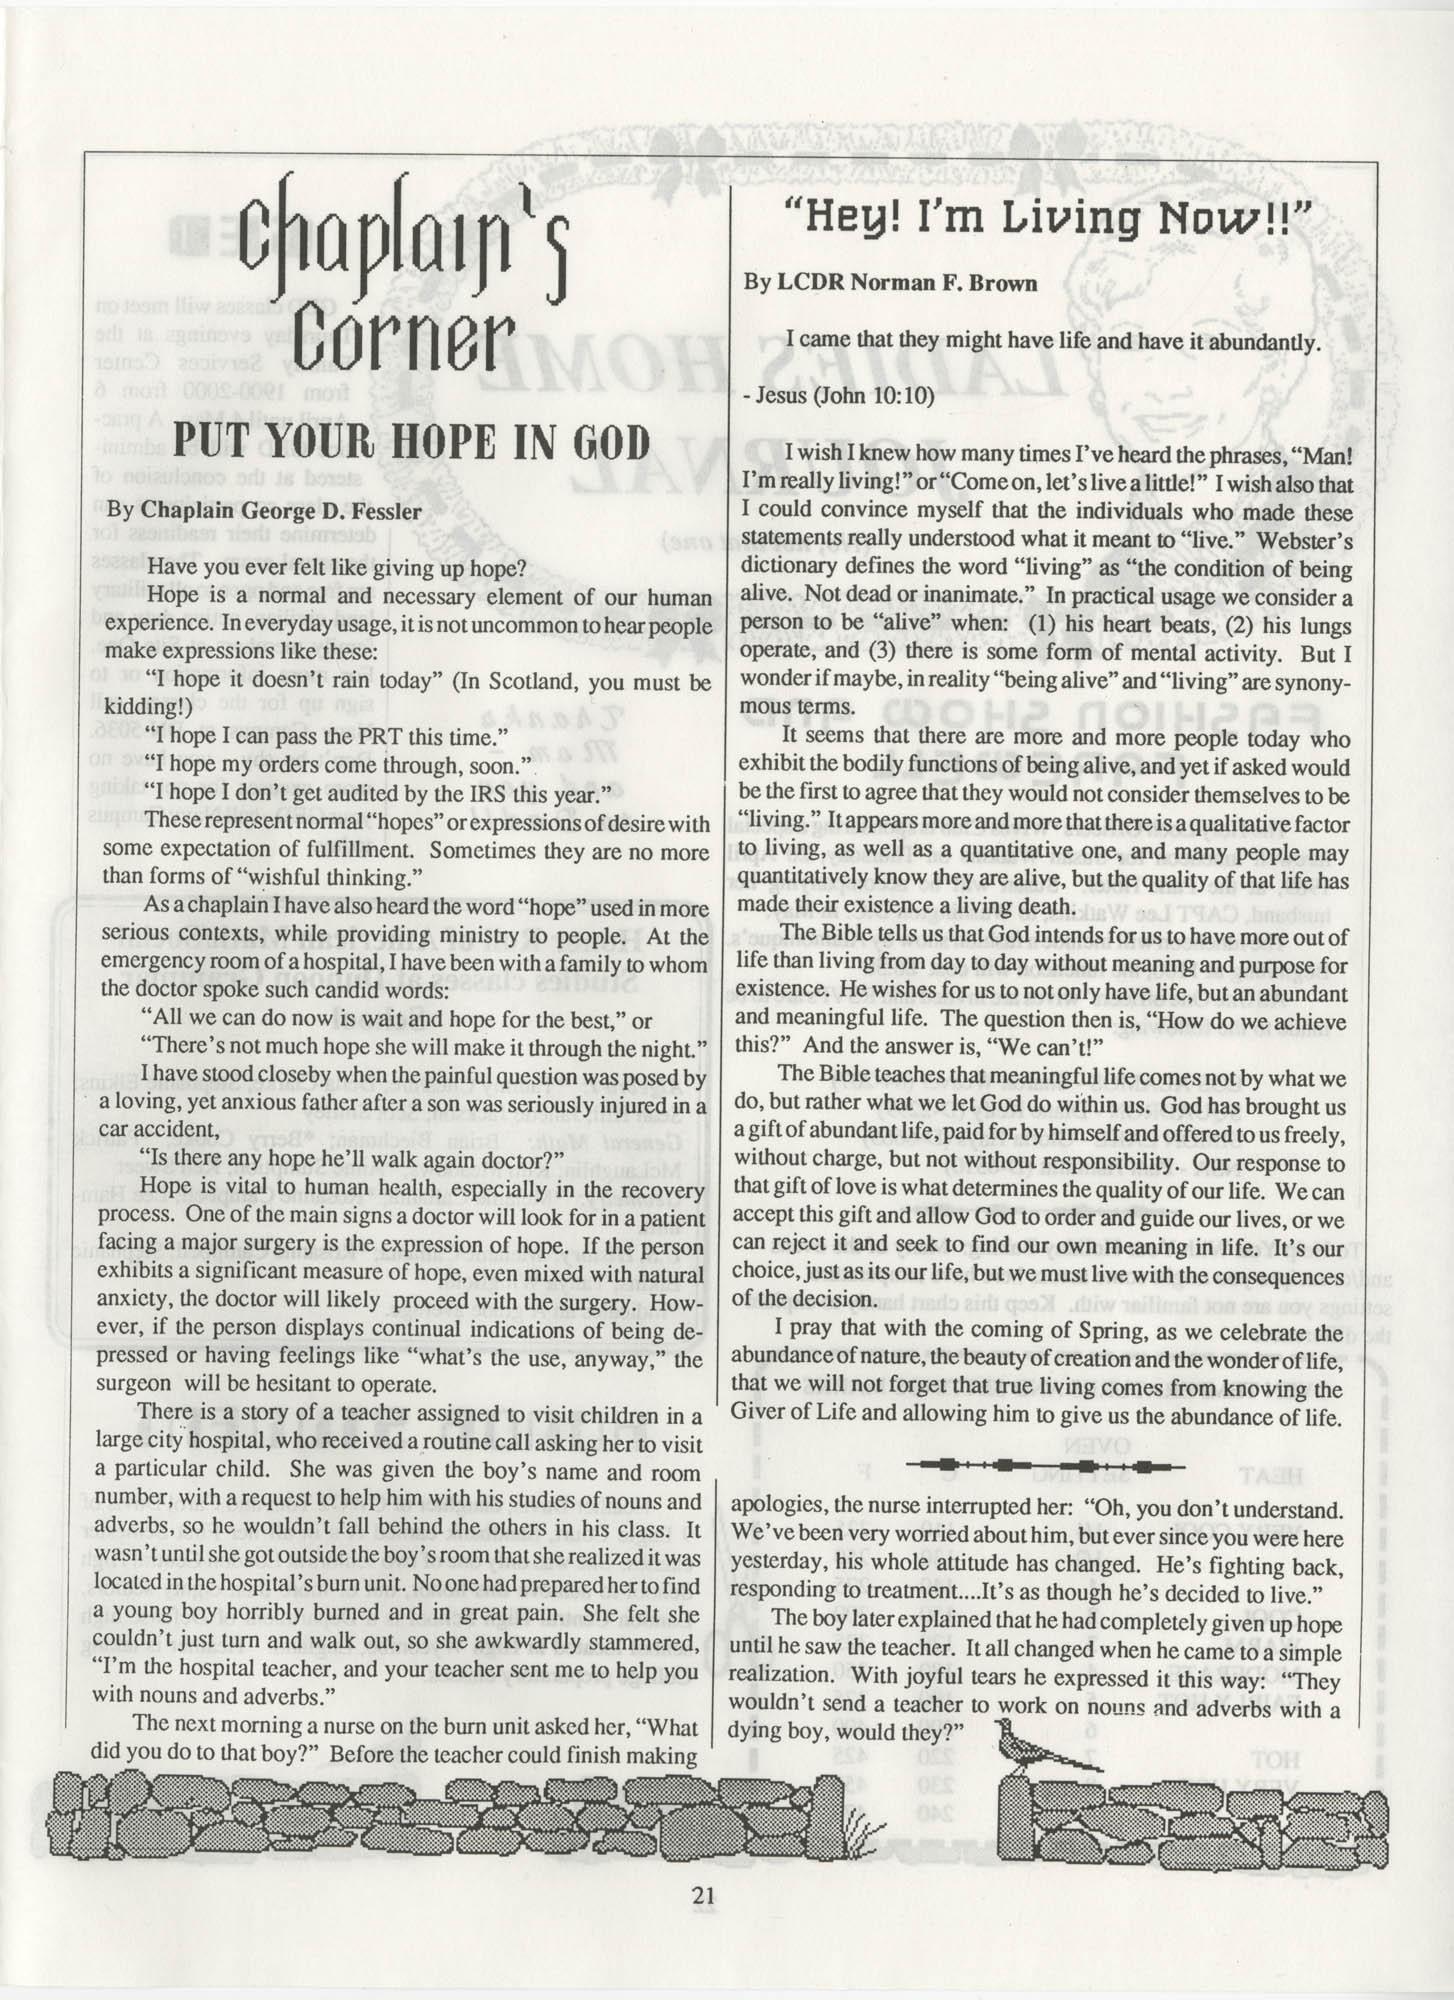 Periscope/Highlander, Vol. 1 No. 6, April 1989, Page 21